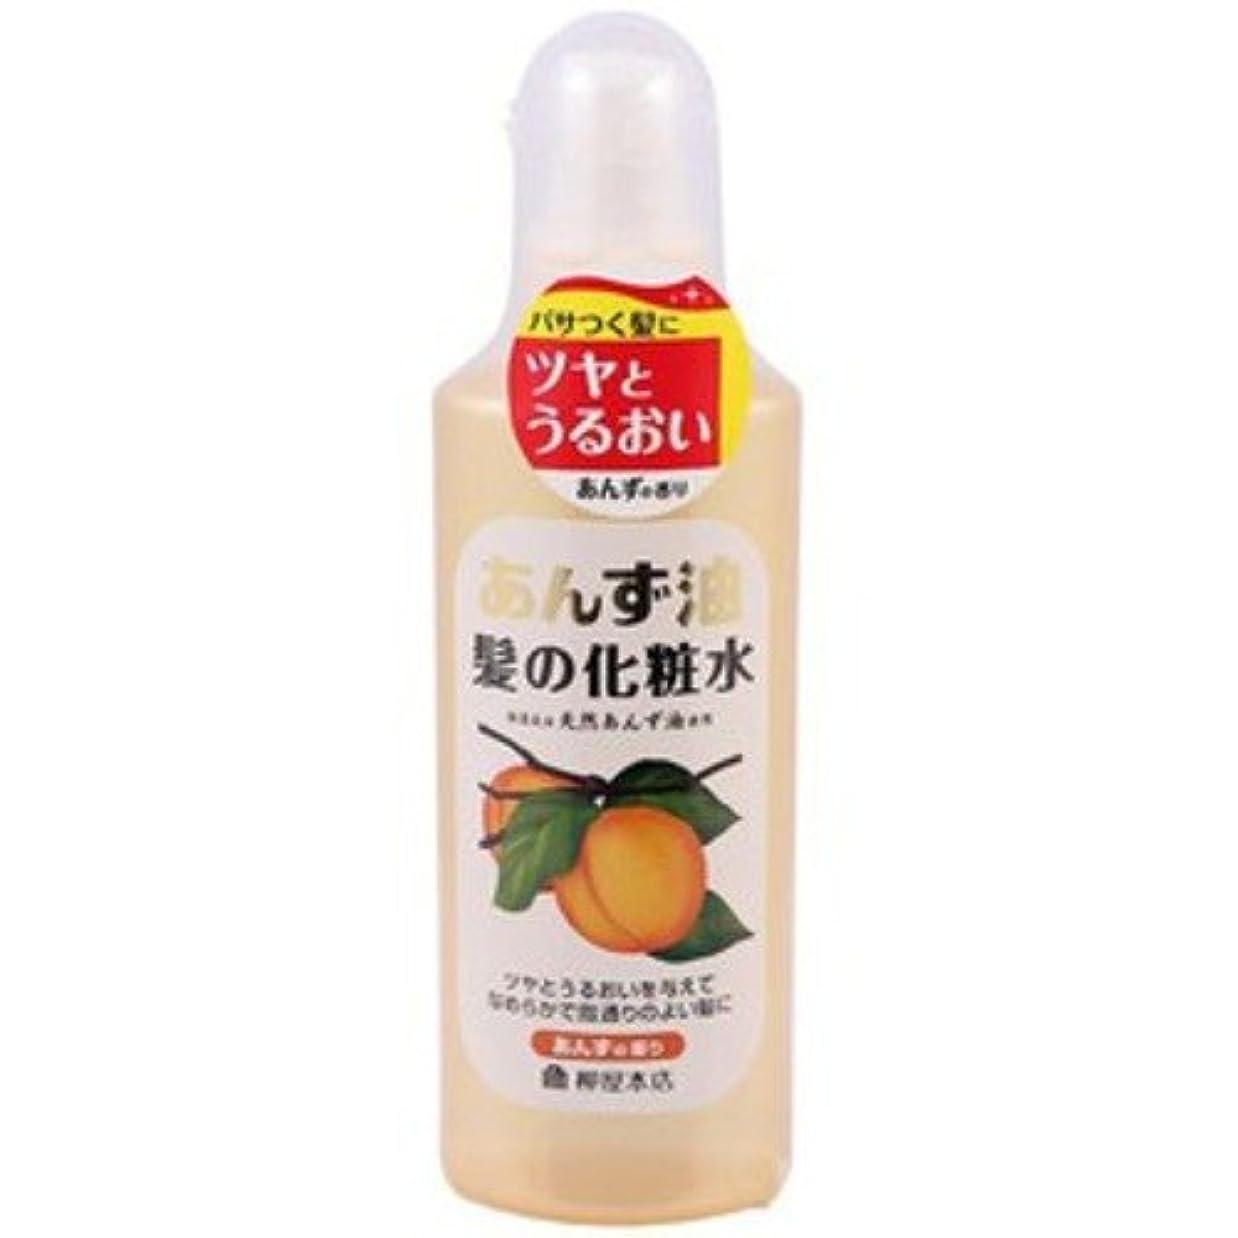 脅威バーベキュー保持柳屋 あんず油 髪の化粧水 170ml